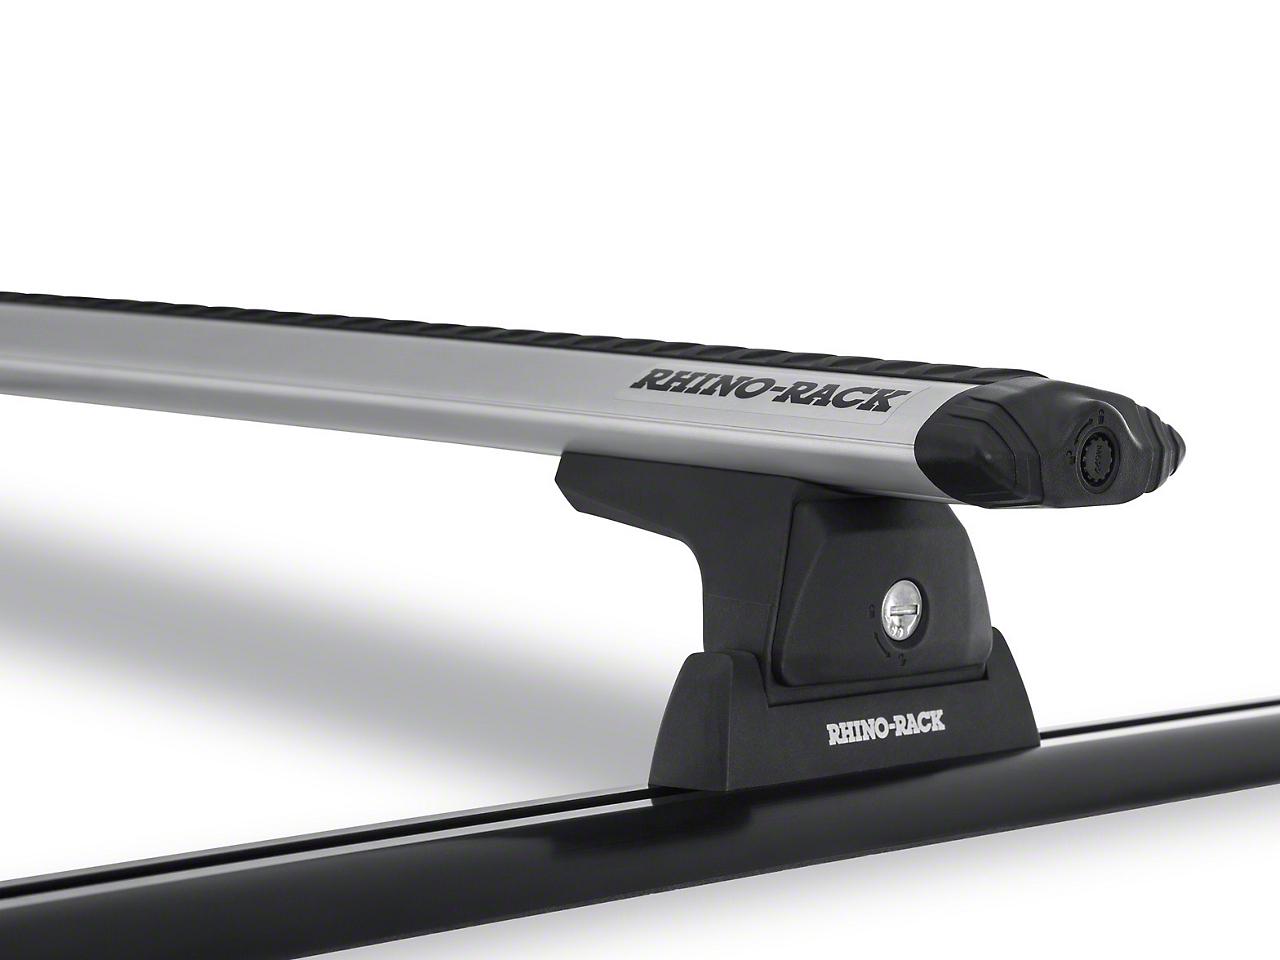 Rhino-Rack Vortex RLT600 Trackmount 2-Bar Roof Rack - Silver (11-18 Wrangler JK 2 Door)